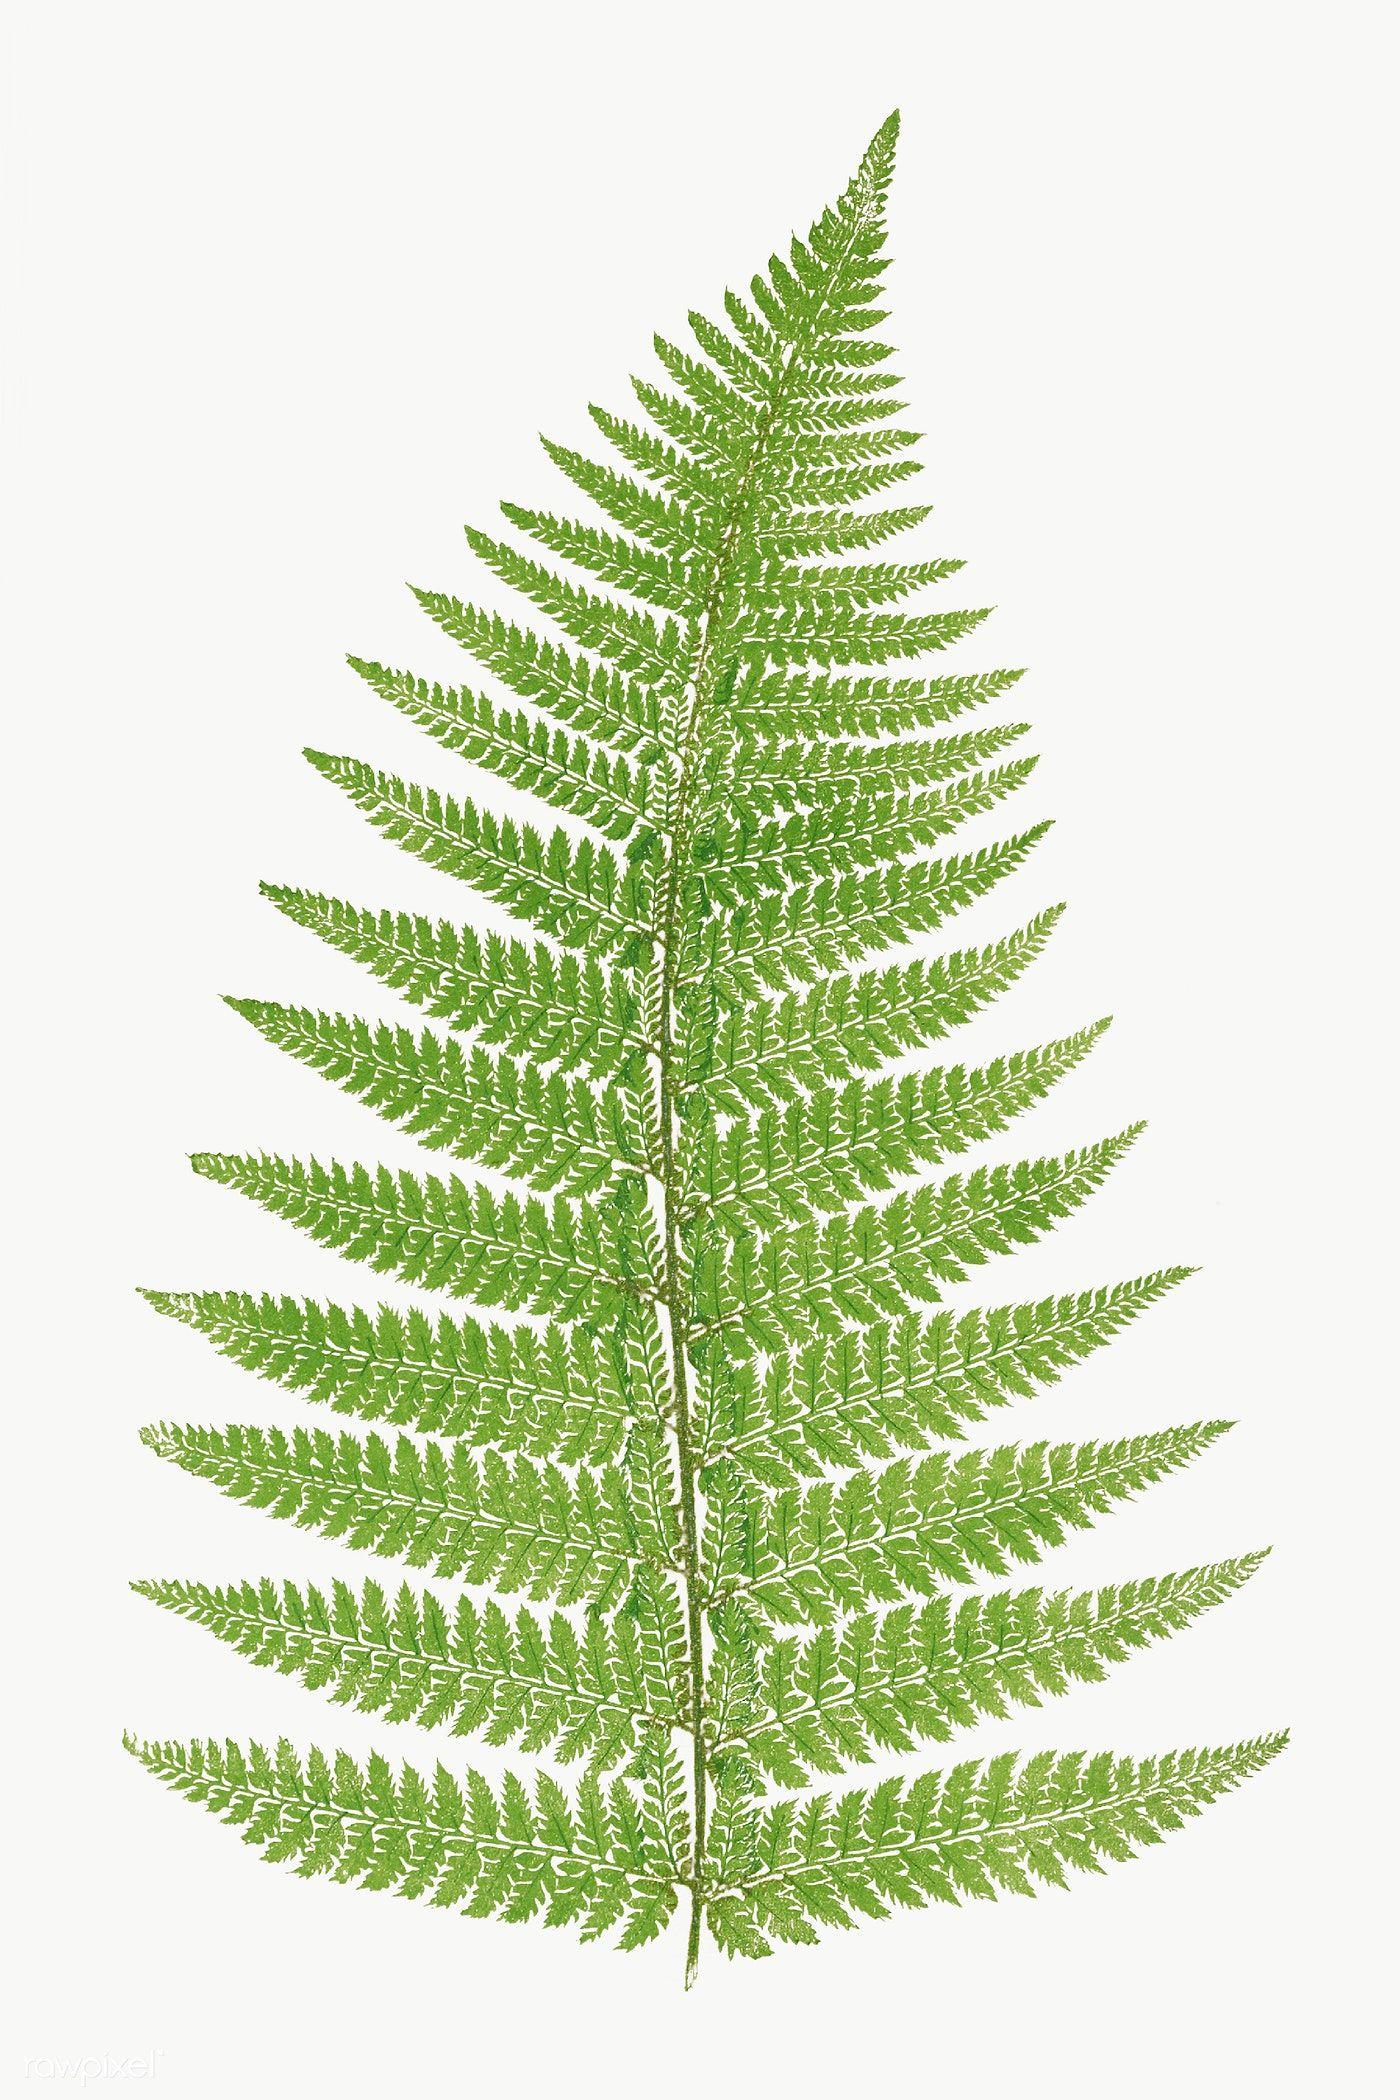 Aspidium Angulare Fern Leaf Illustration Transparent Png Premium Image By Rawpixel Com Nam Leaf Illustration Illustration Botanical Illustration